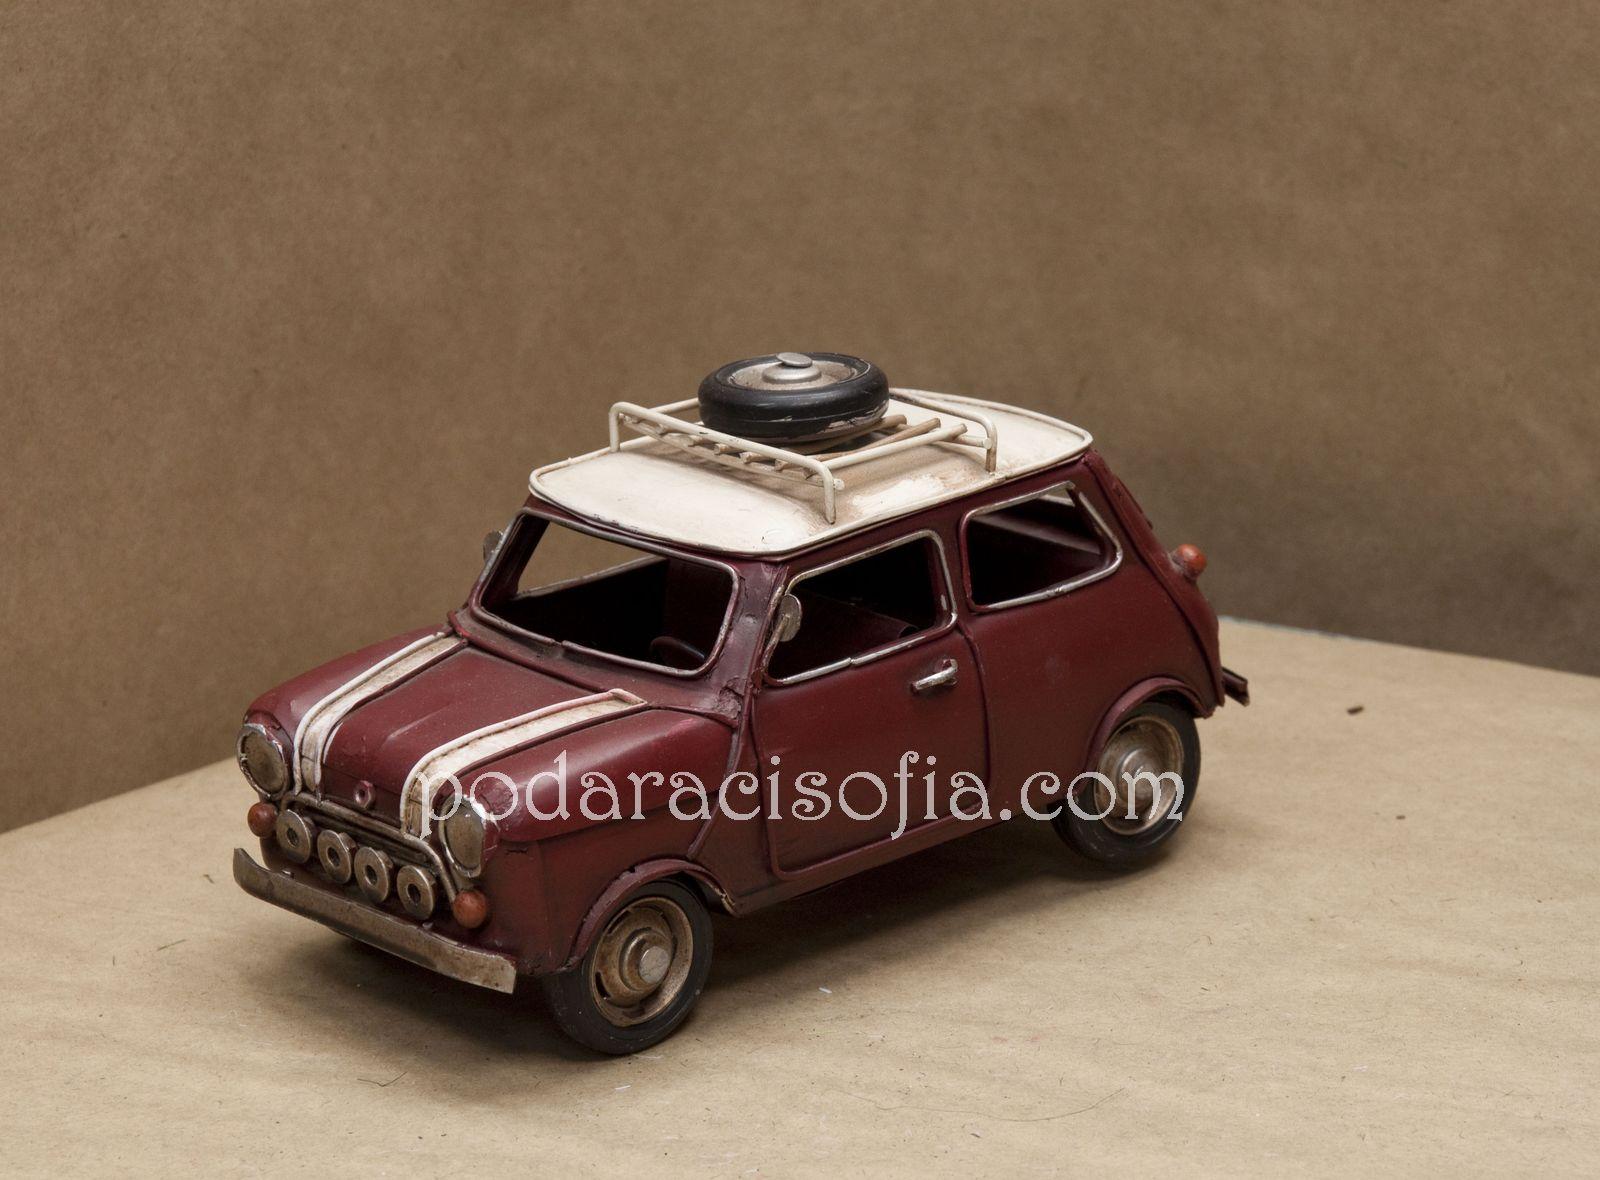 Оригинален и закачлив подарък за мъж - ретро кола